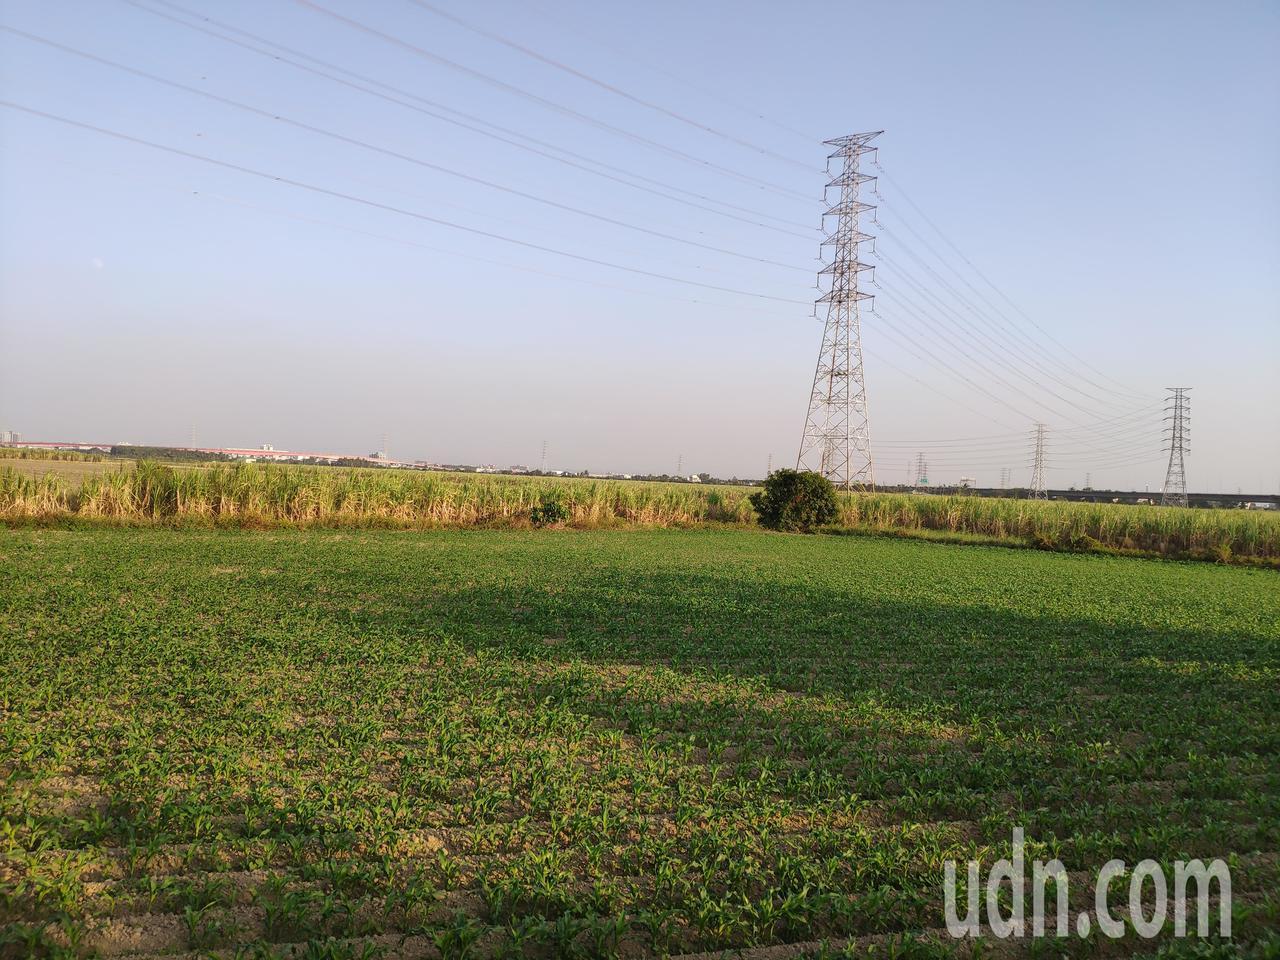 南科三期預定地台糖新市看西農場 。記者謝進盛/攝影